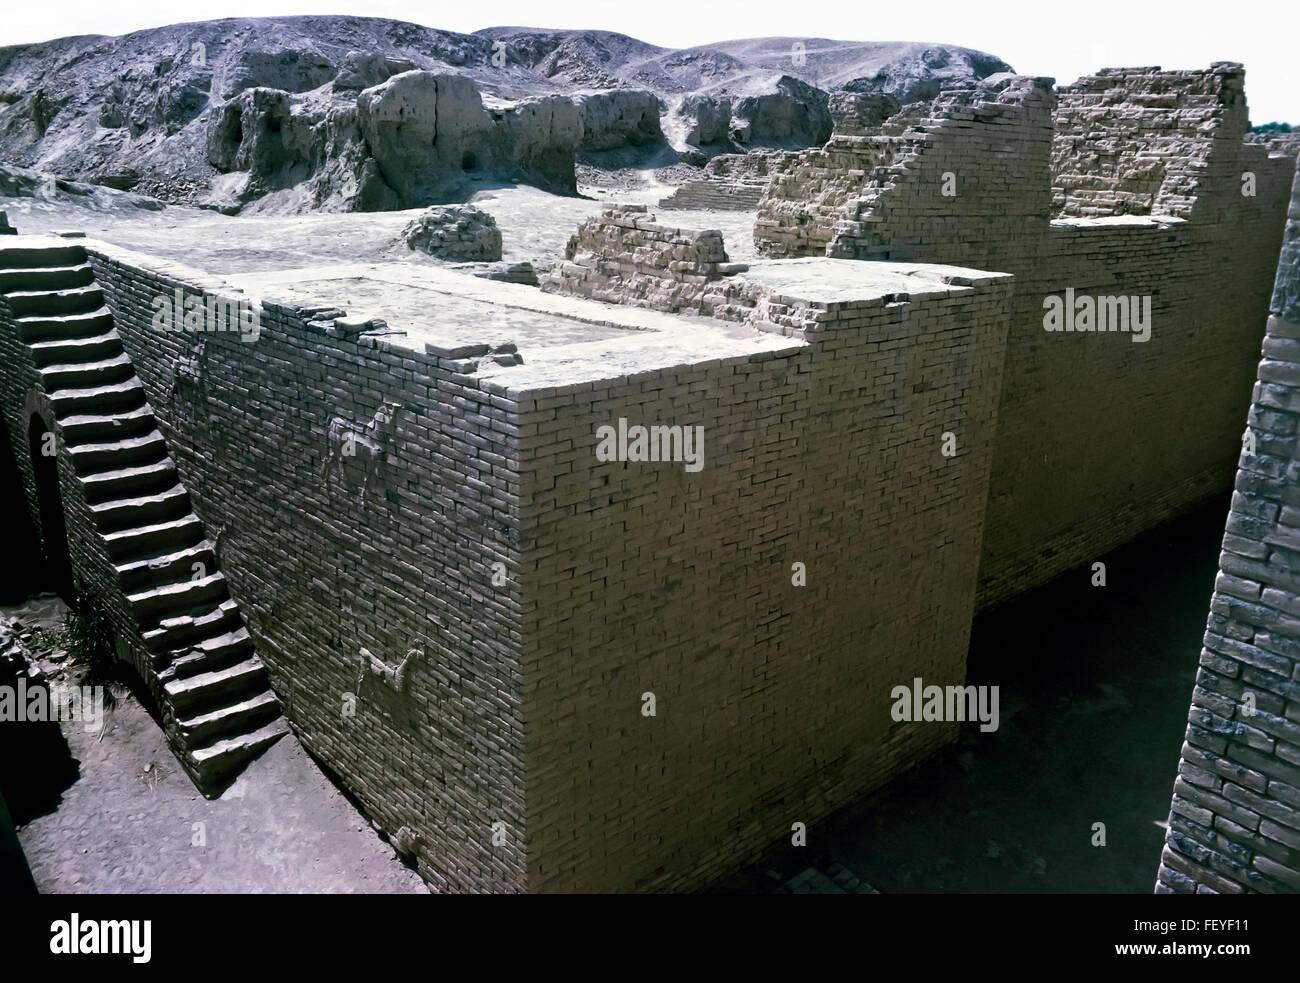 AA 6829. Archivierung der 1960er Jahre Babylon Ruinen, Irak Stockbild